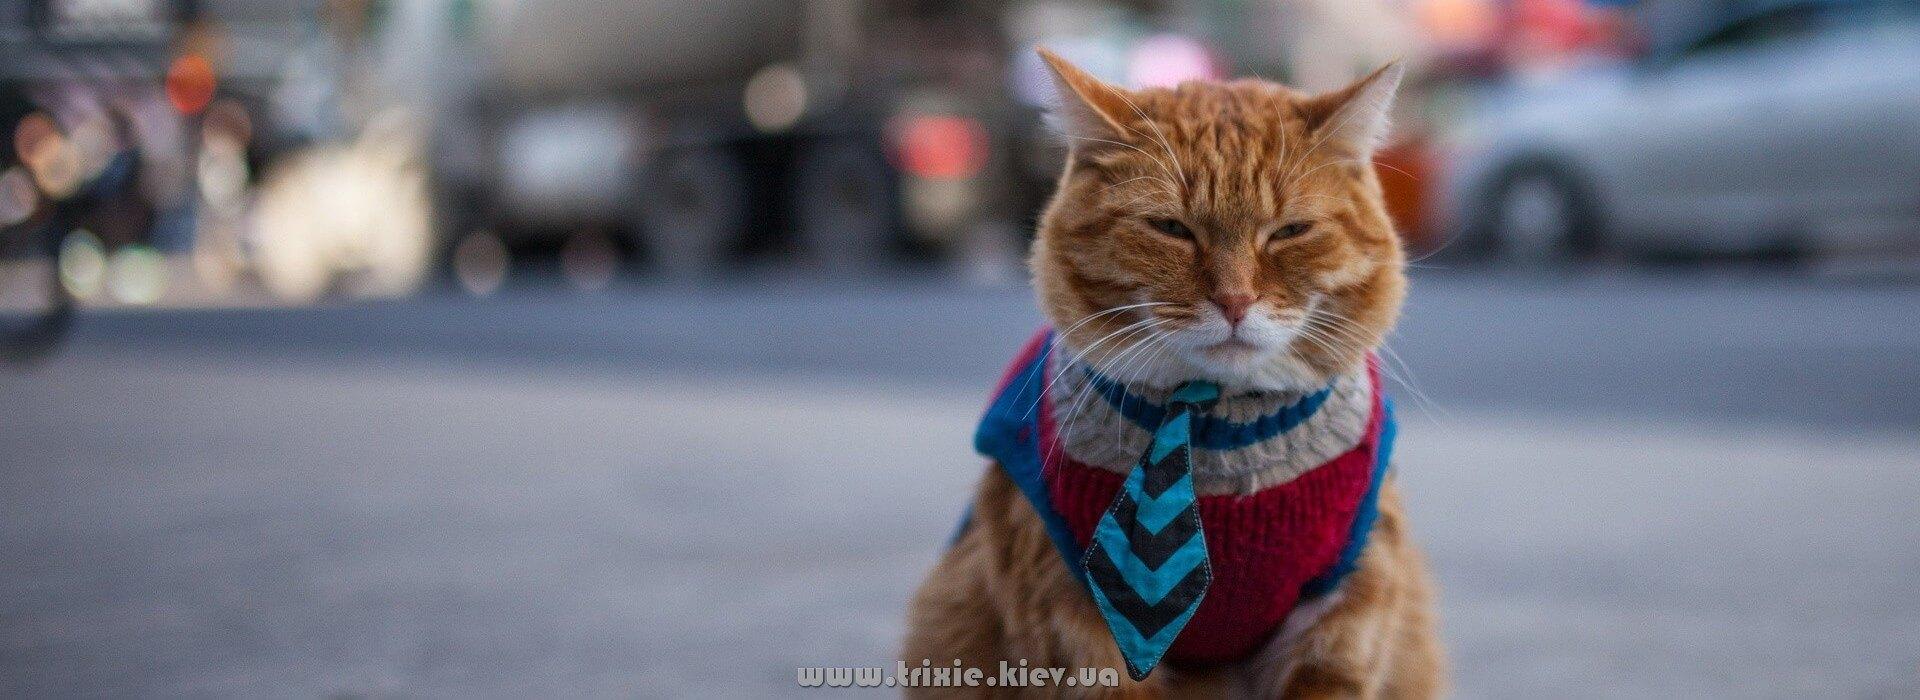 Купить в Киеве одежду Новинки Trixie для кошек и собак - доставка по всей Украине